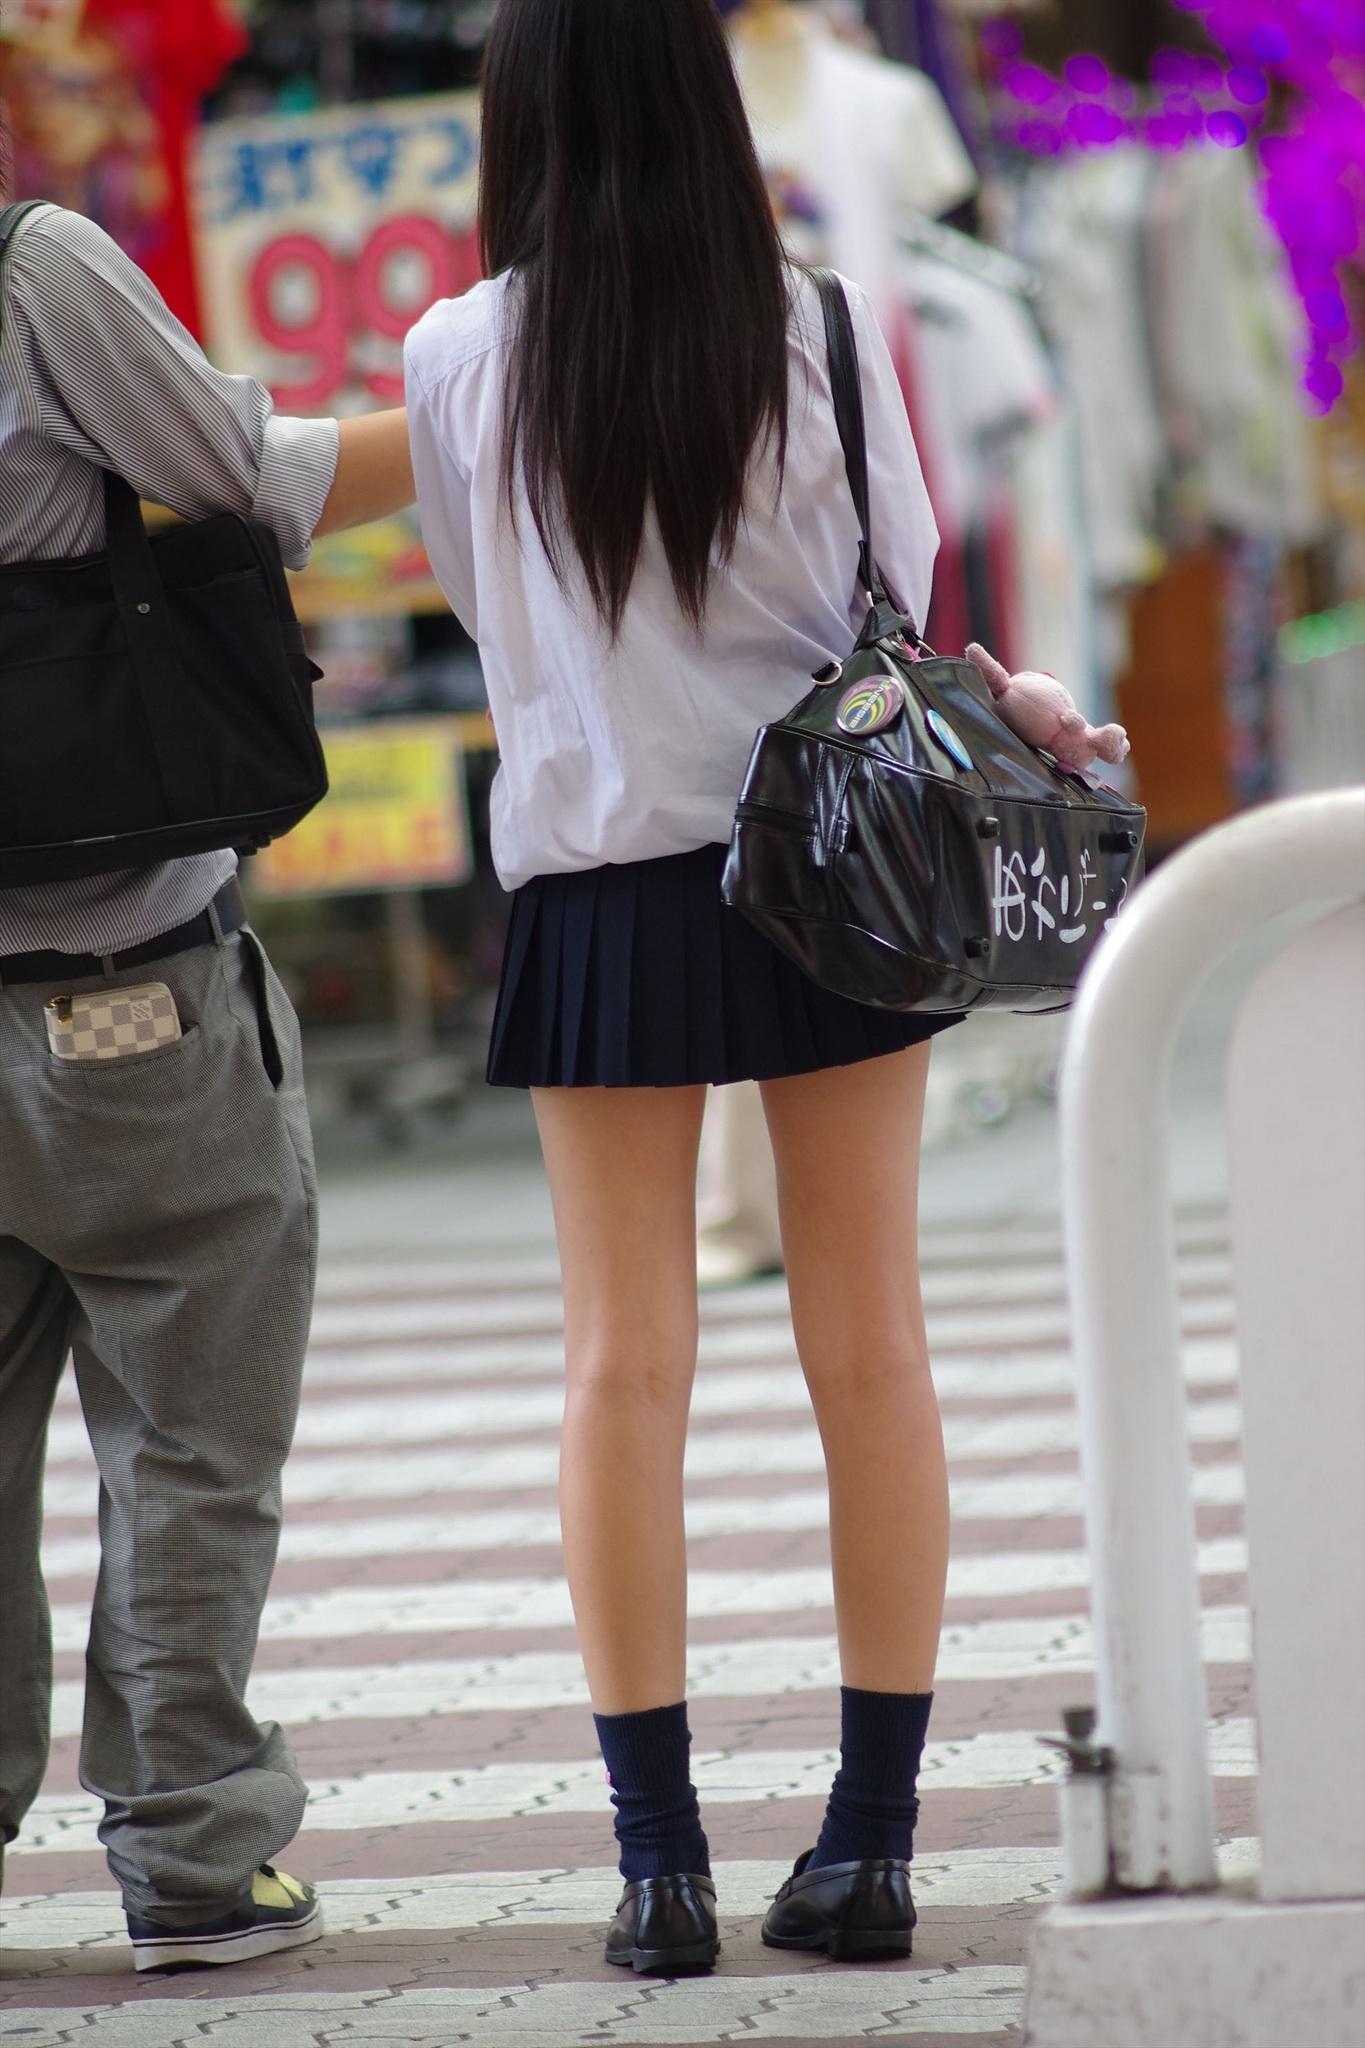 彼氏と帰宅中の女子校生のスレンダー美脚!